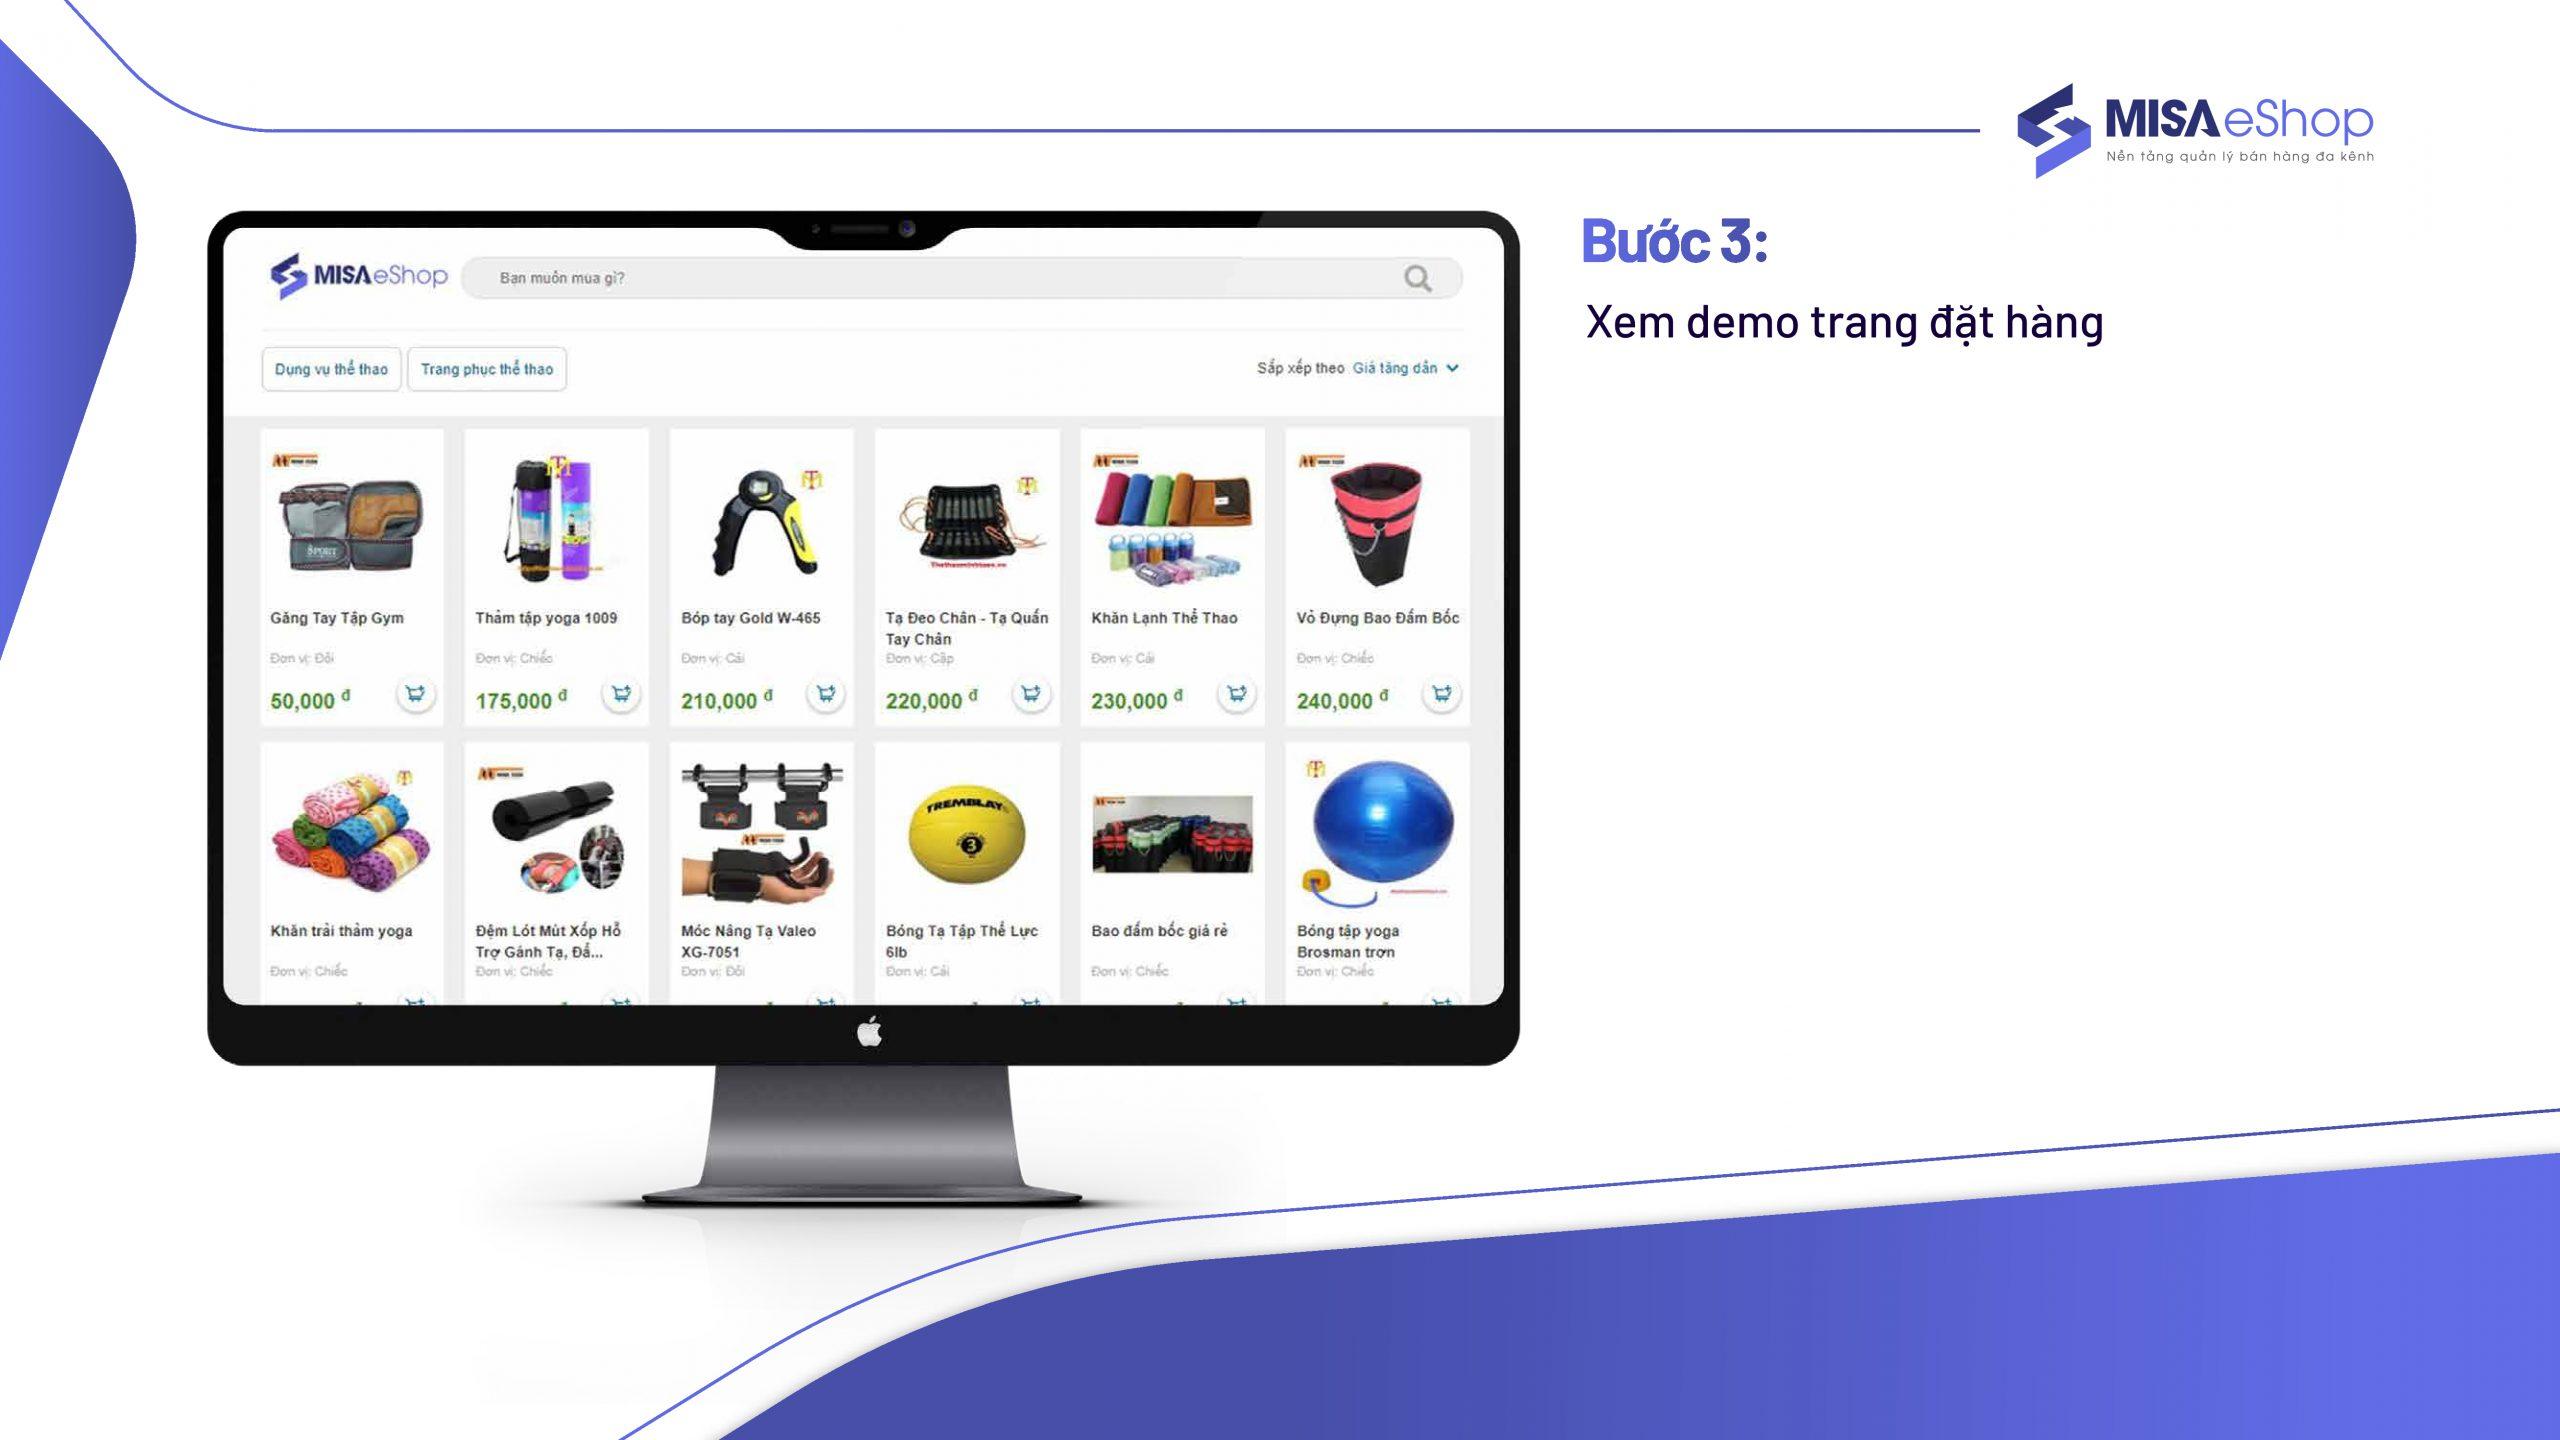 website đặt hàng online 3